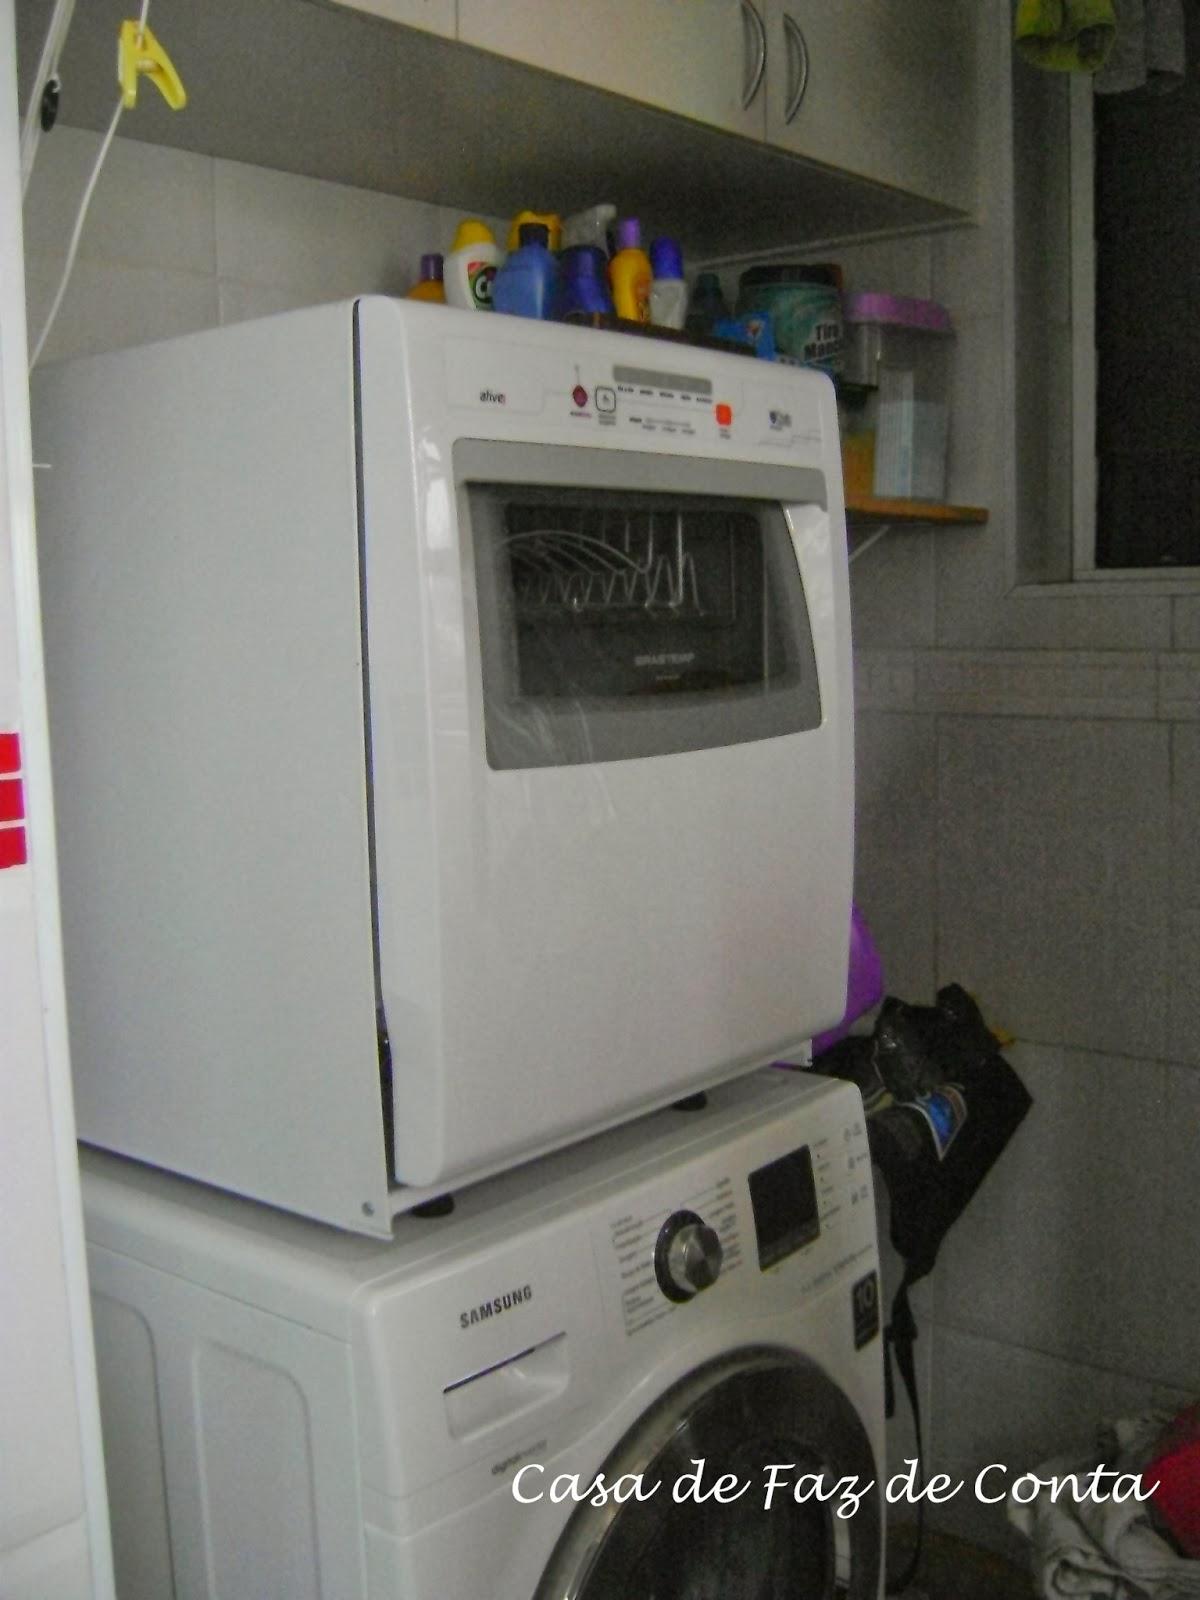 Utilidade doméstica Lava louças Casa de Faz de Conta #B51626 1200 1600